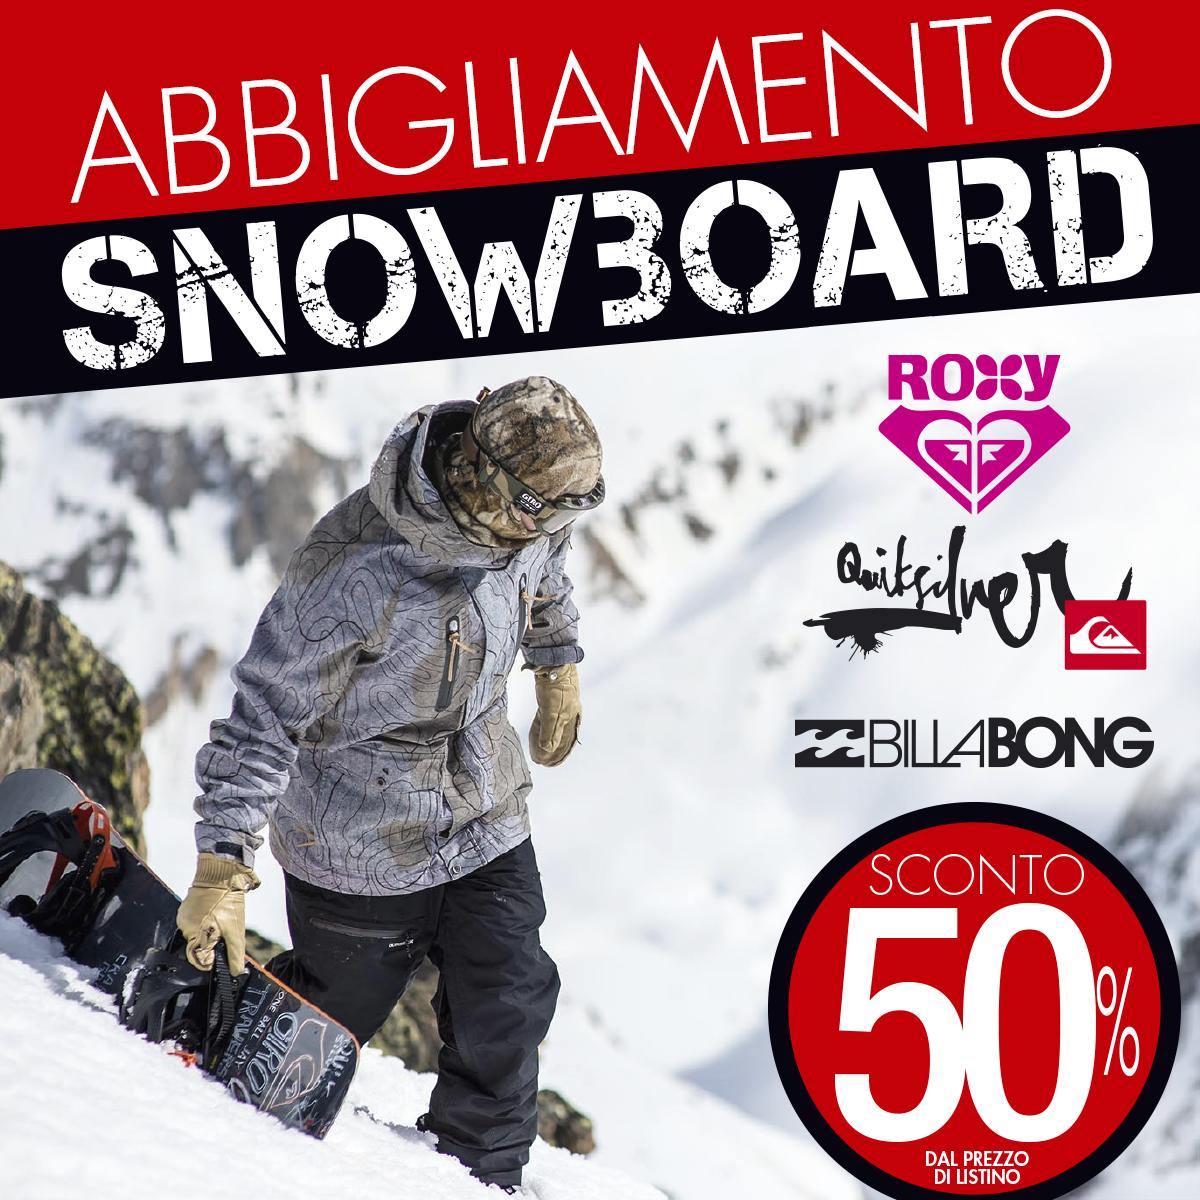 Abbigliamento snowboard: negli outlet BotteroSki sconto del 50%